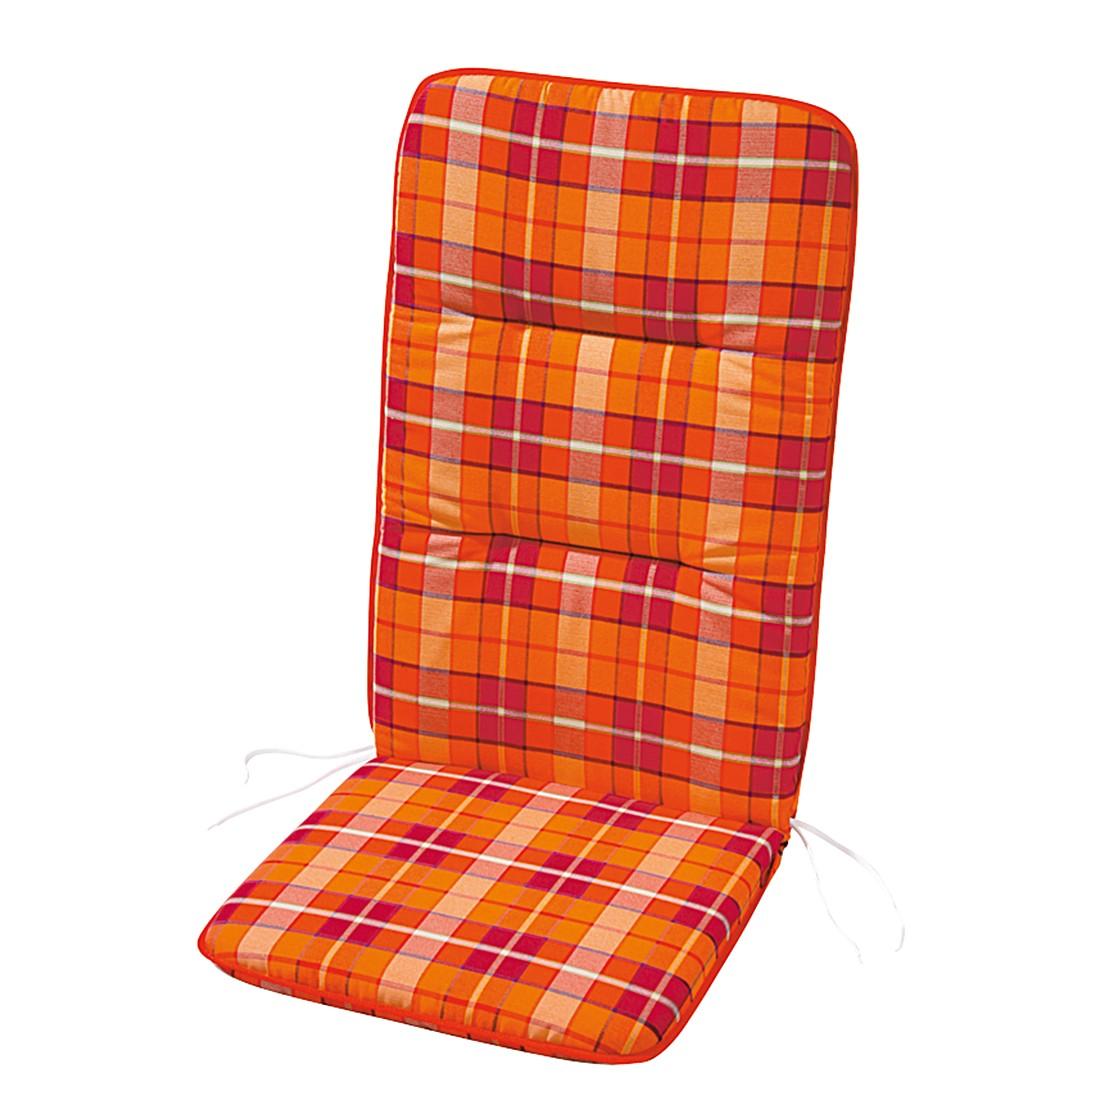 Stoelkussen Evelyn - geruit - rood/oranje - 100x50cm, Best Freizeitmöbel